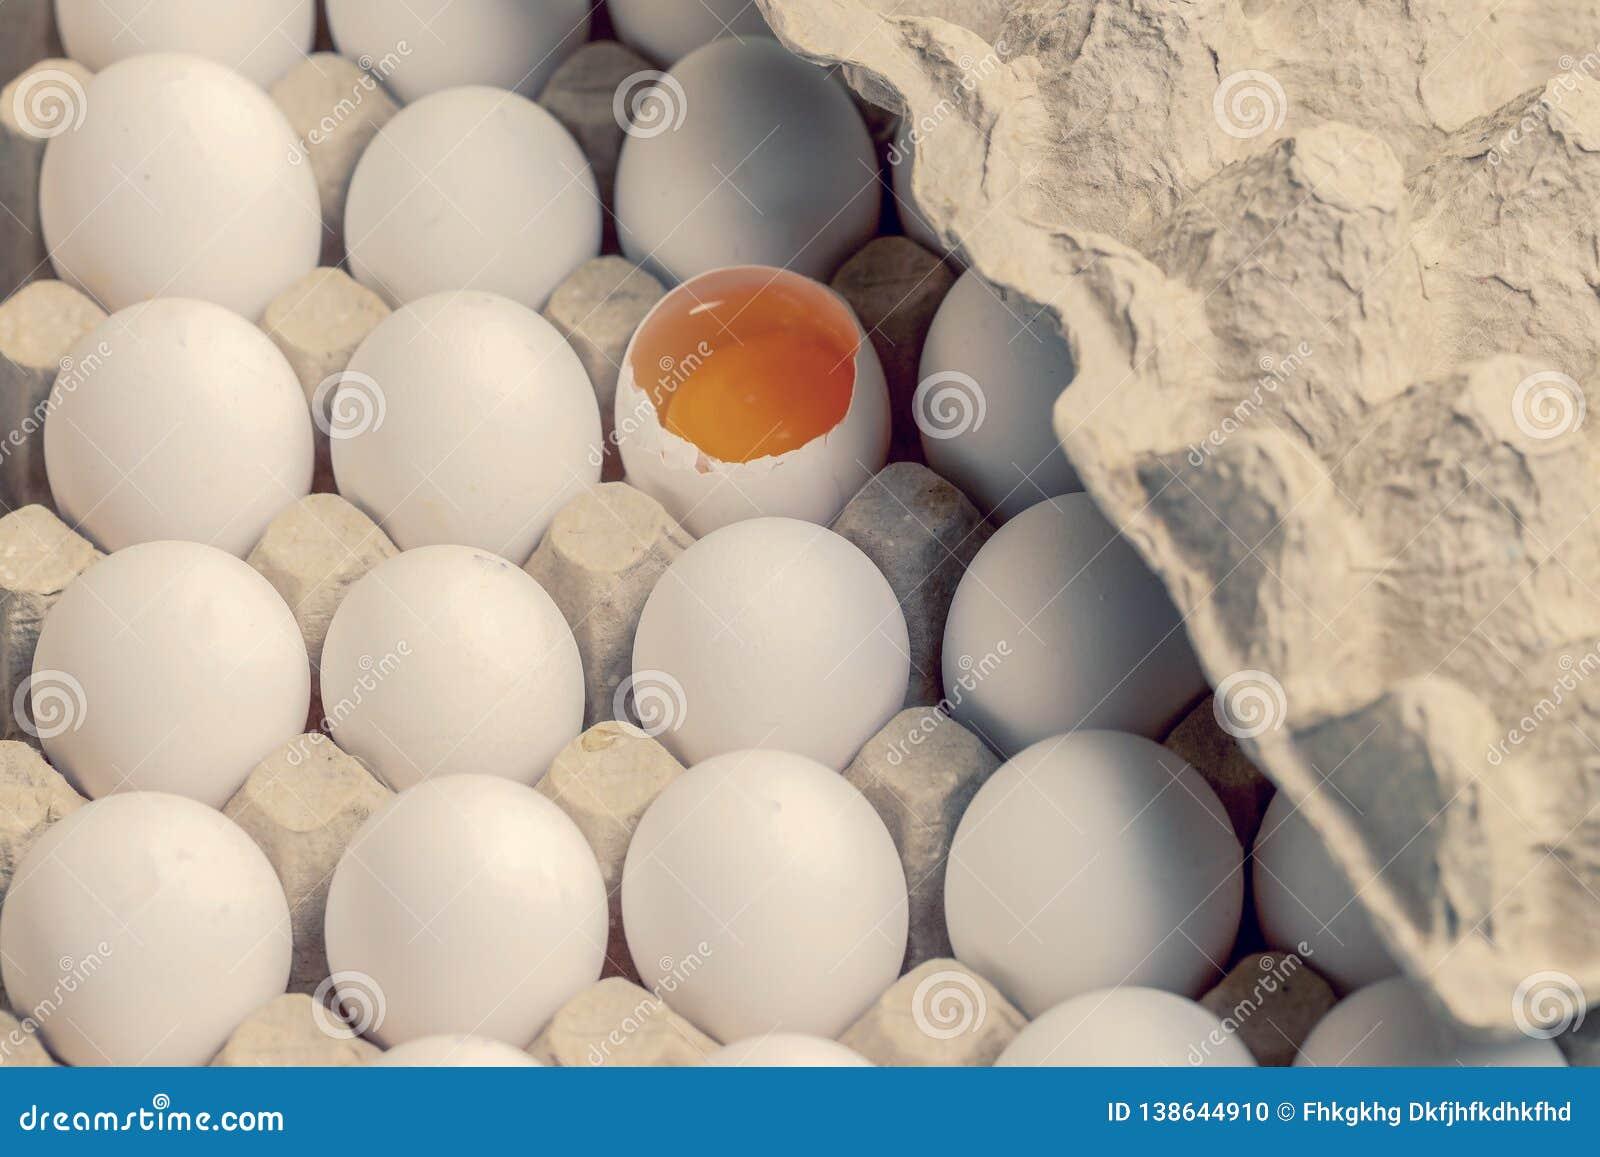 Ovos brancos e marrons na caixa com ovo quebrado